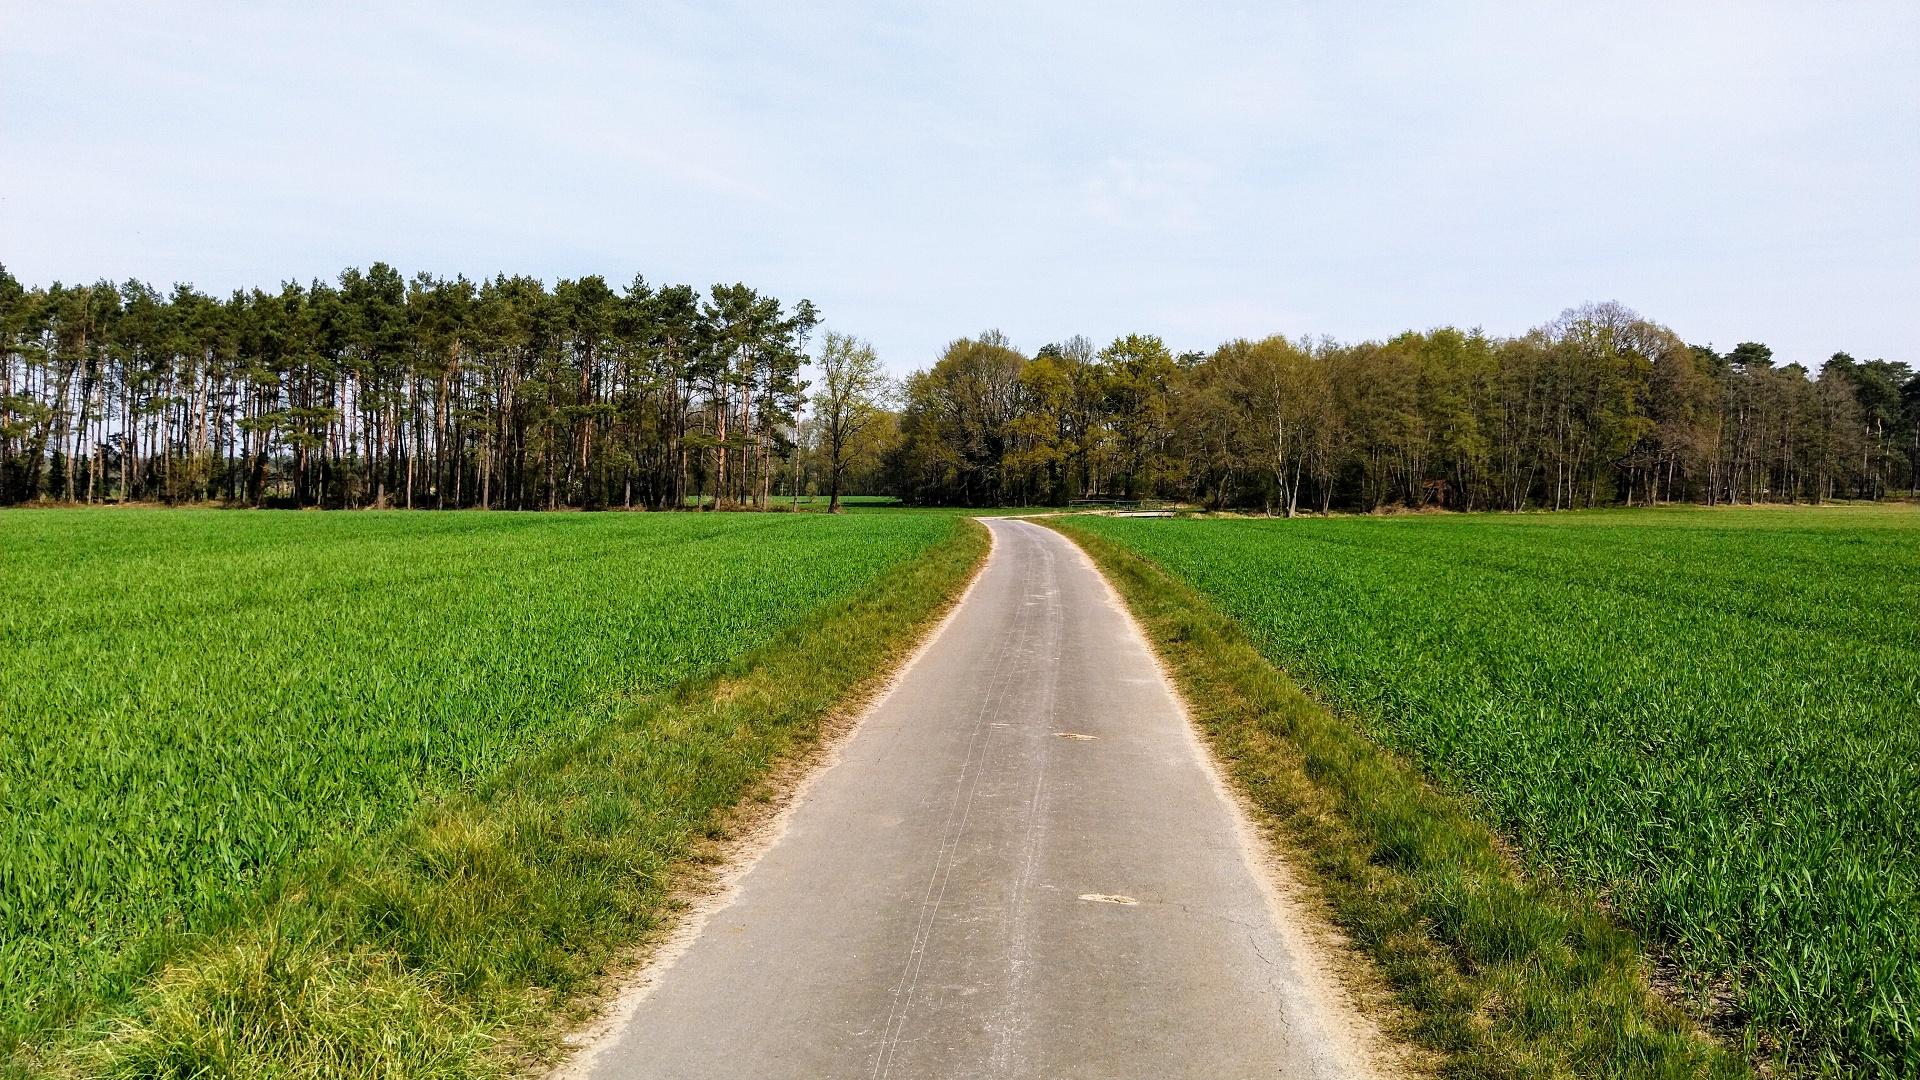 Prälatenweg